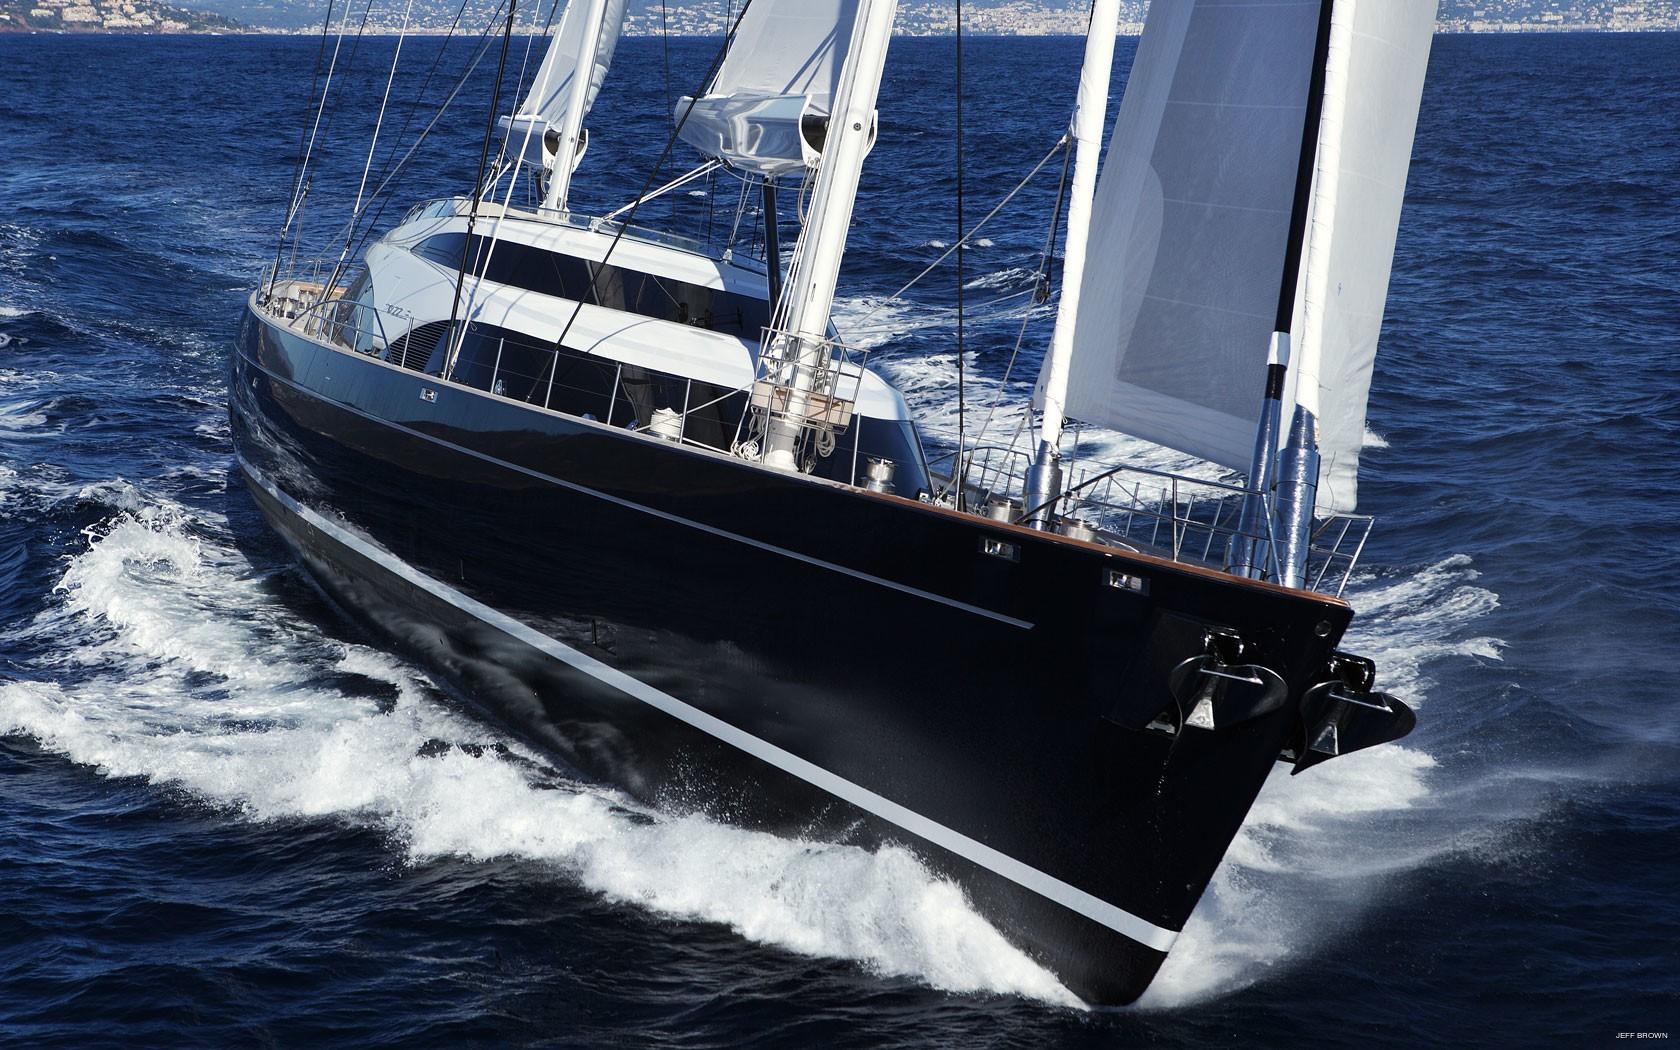 dutch coast yacht aragorn - HD1680×1050